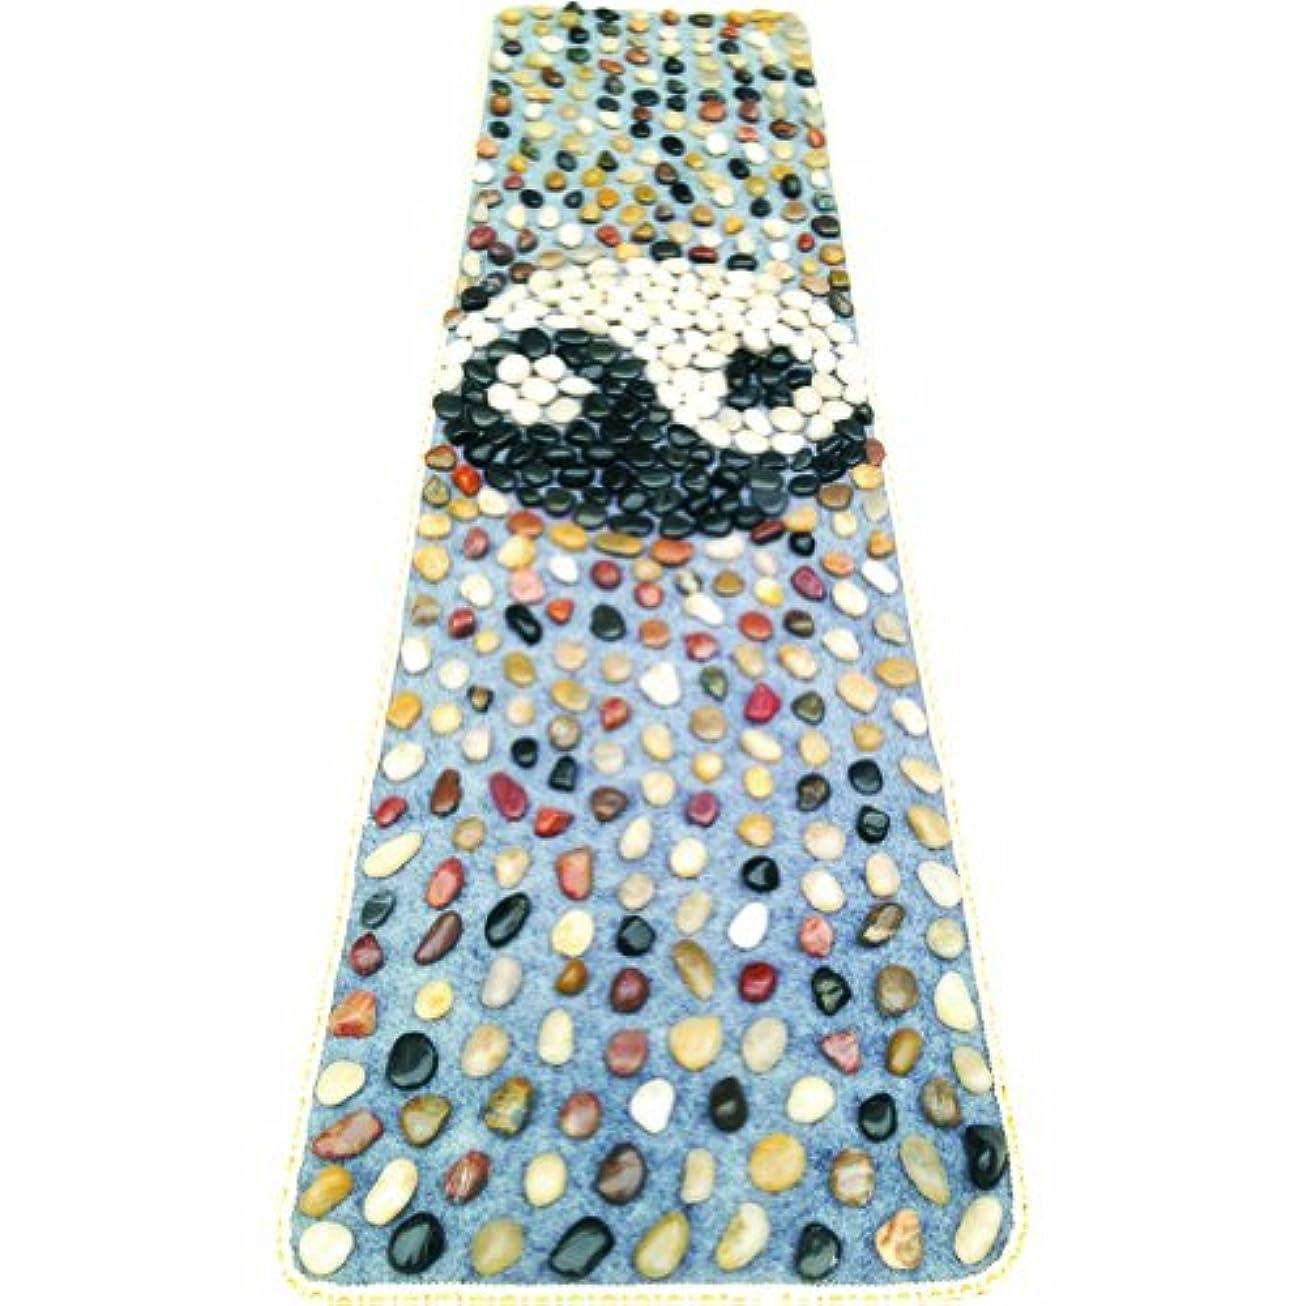 維持芸術的セイはさておきフットマッサージマットルームの装飾健康的な歩道父の日母の日誕生日プレゼント(WZ-15)